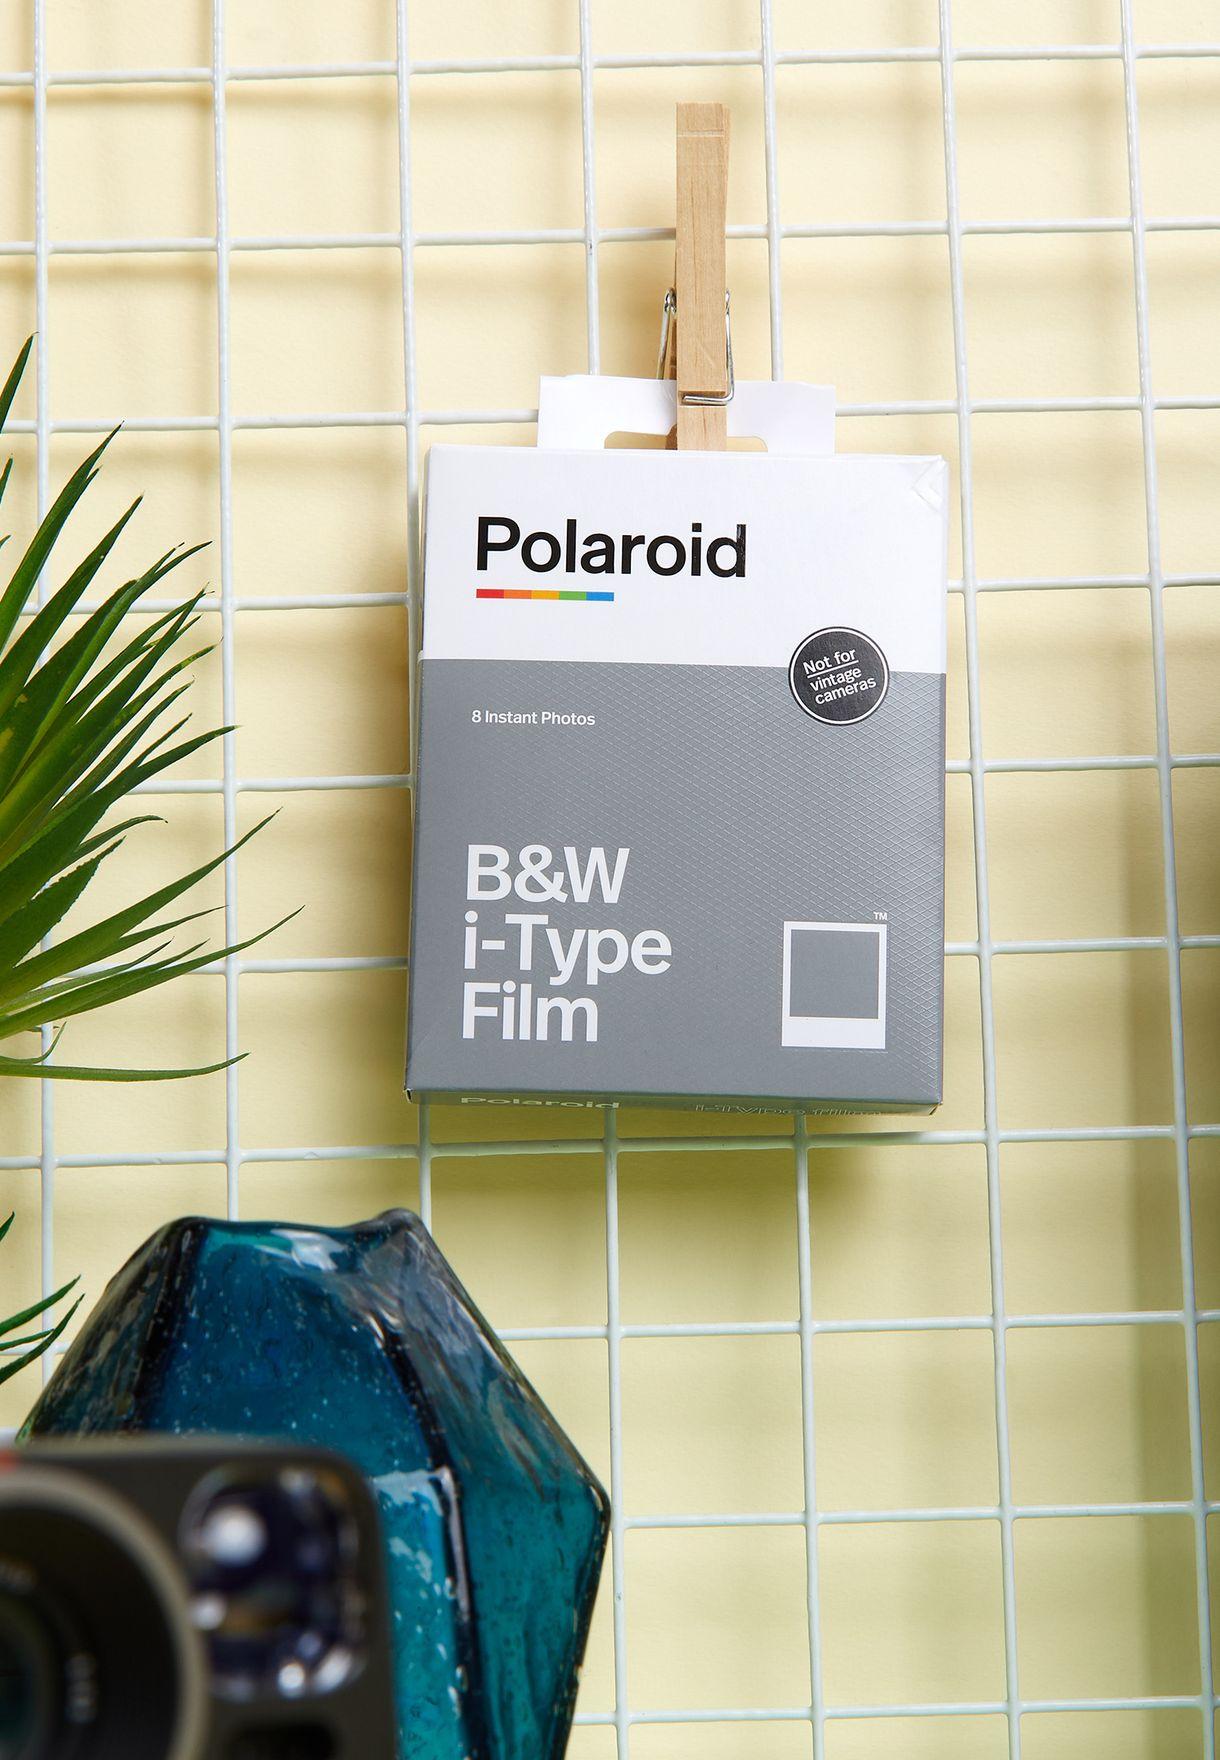 طقم أفلام تصوير بالأبيض والأسود لكاميرا أي-تايب مكون من 8 قطع أبيض